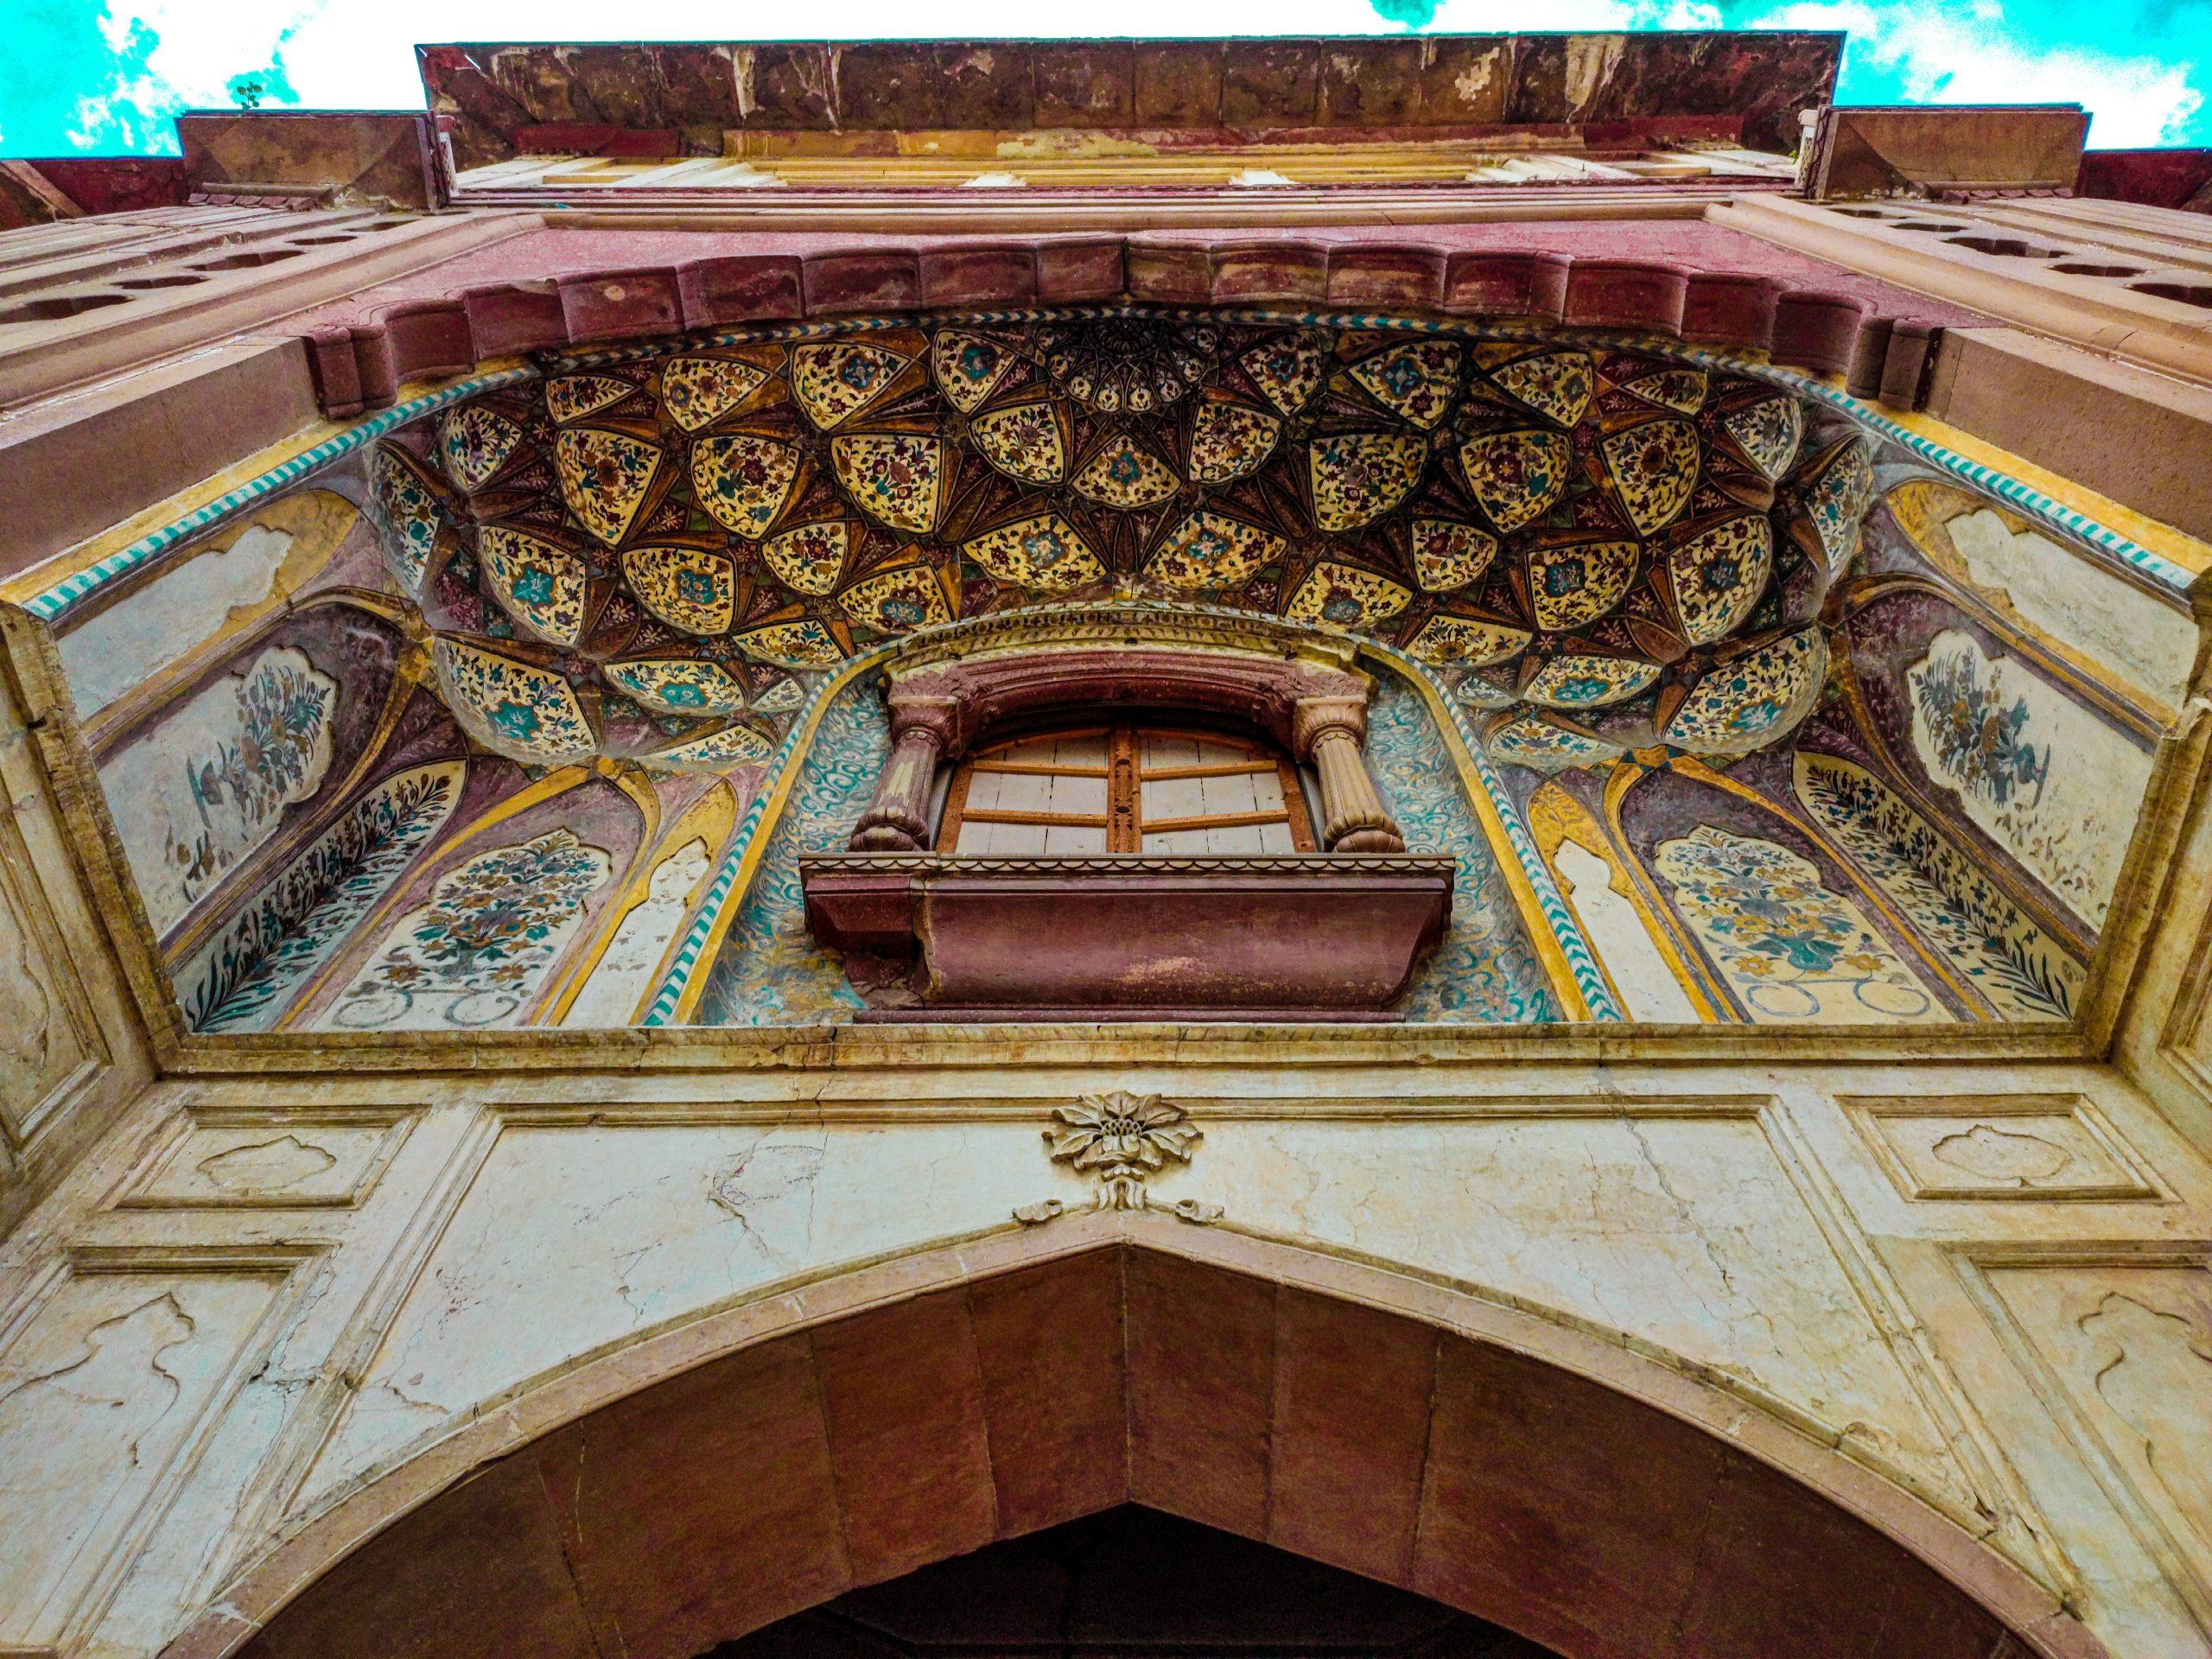 Gate of Safdarajang Tomb in Delhi